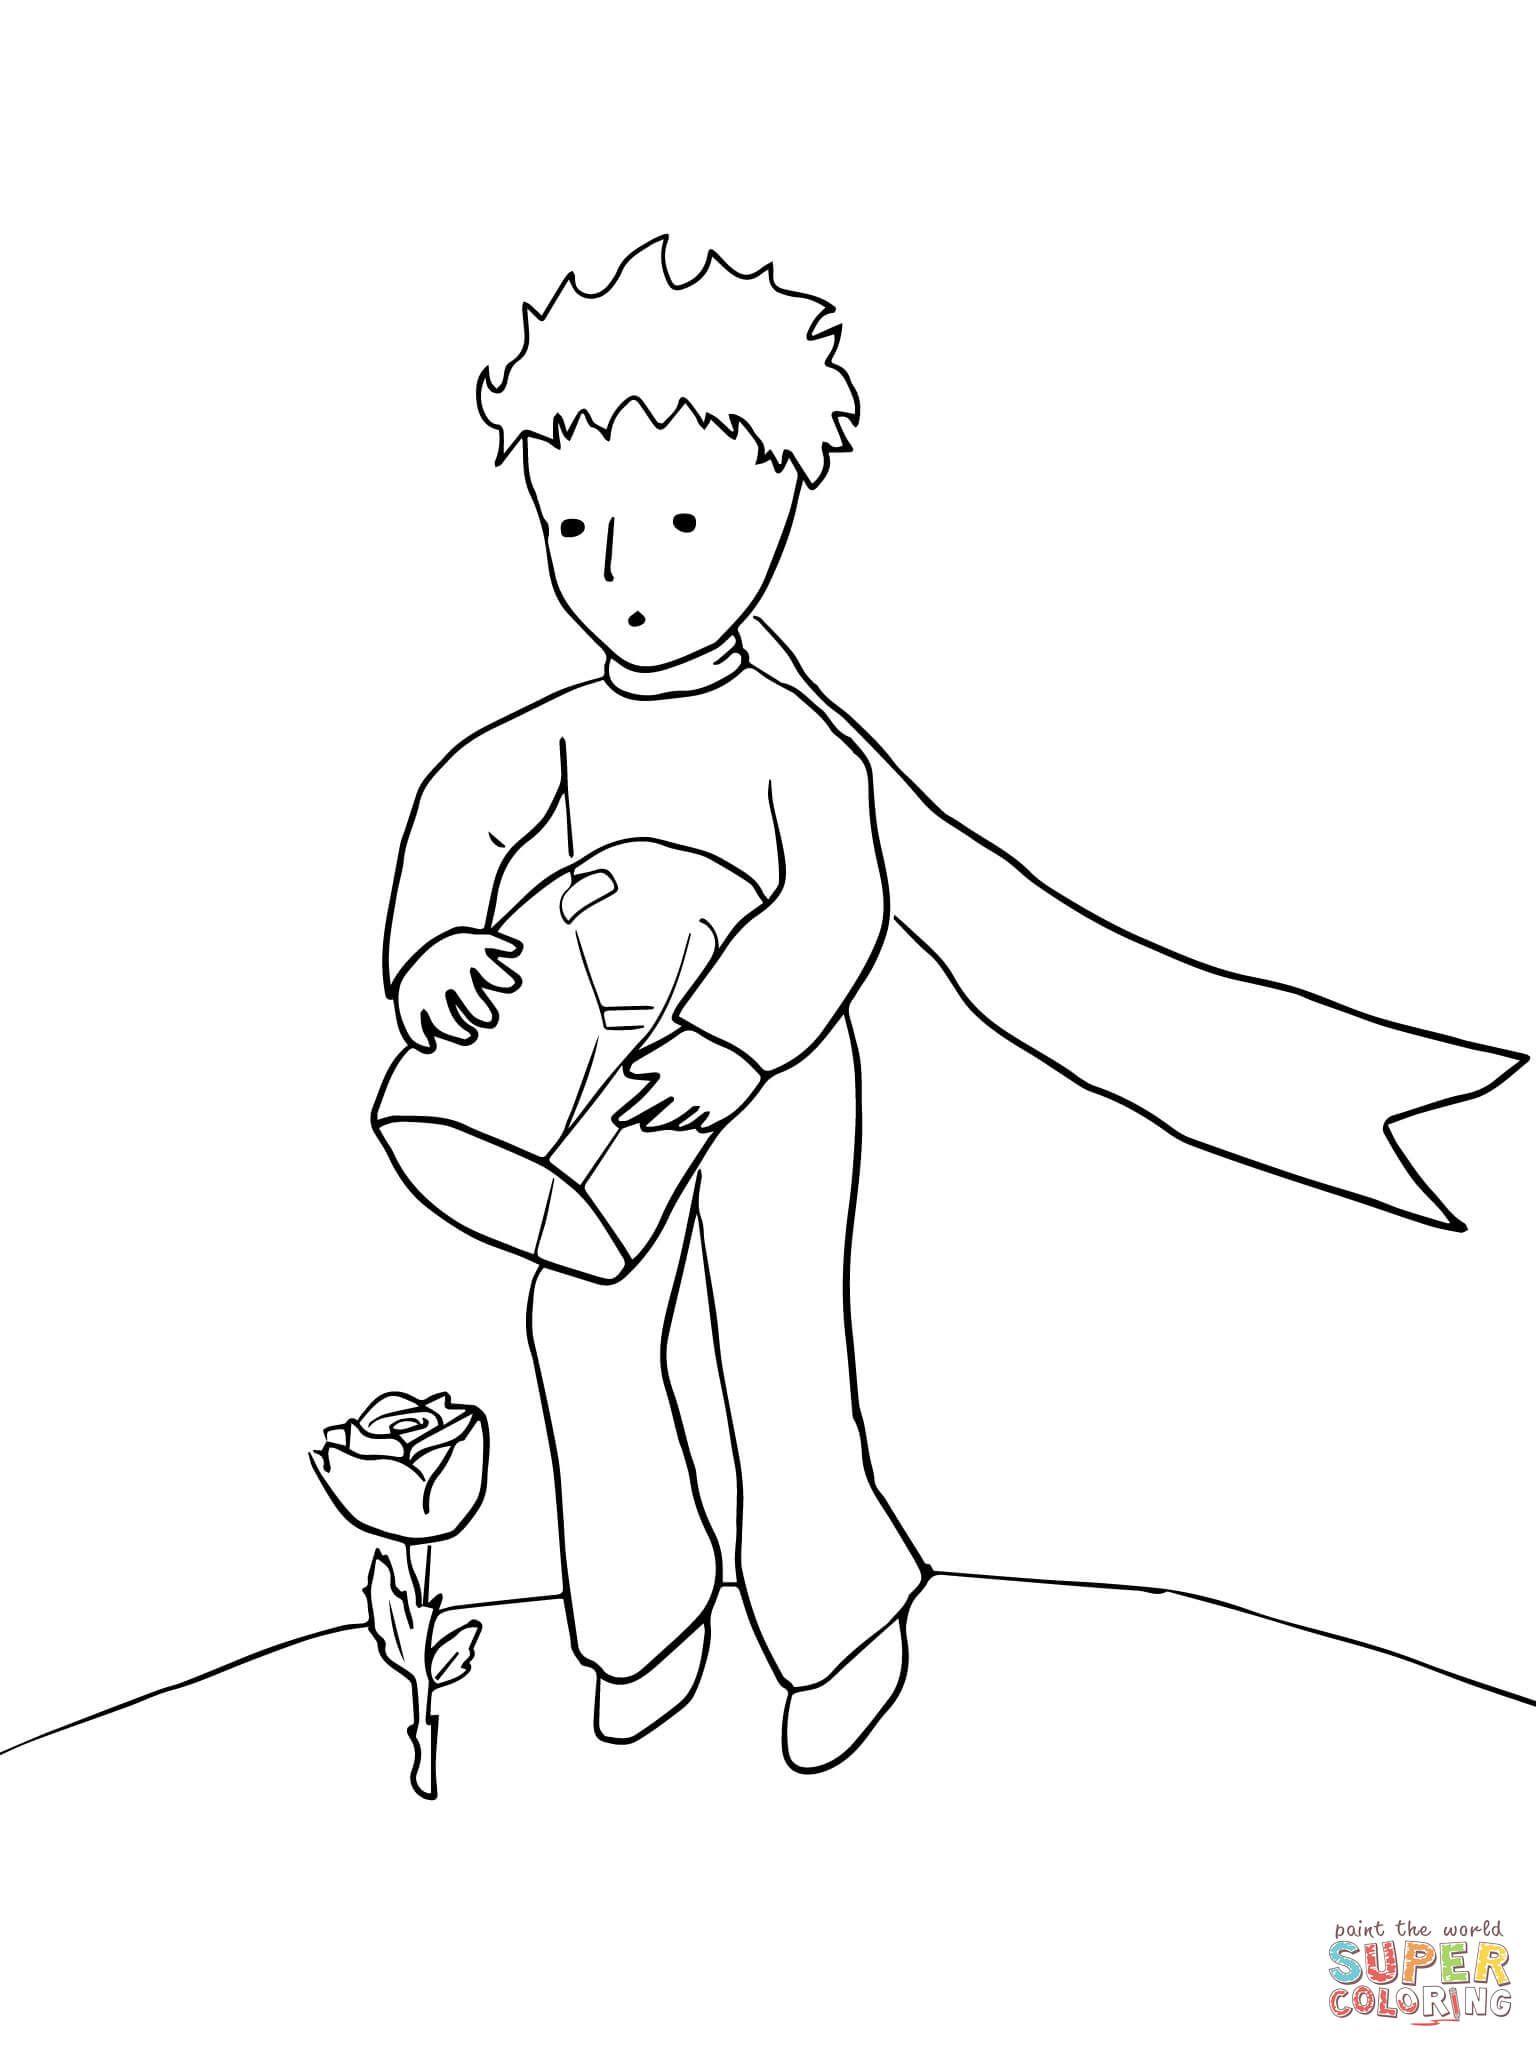 The Little Prince Protects His Rose Coloring Page Jpg 1536 2048 Kleines Prinzen Tattoo Der Kleine Prinz Ausmalbilder